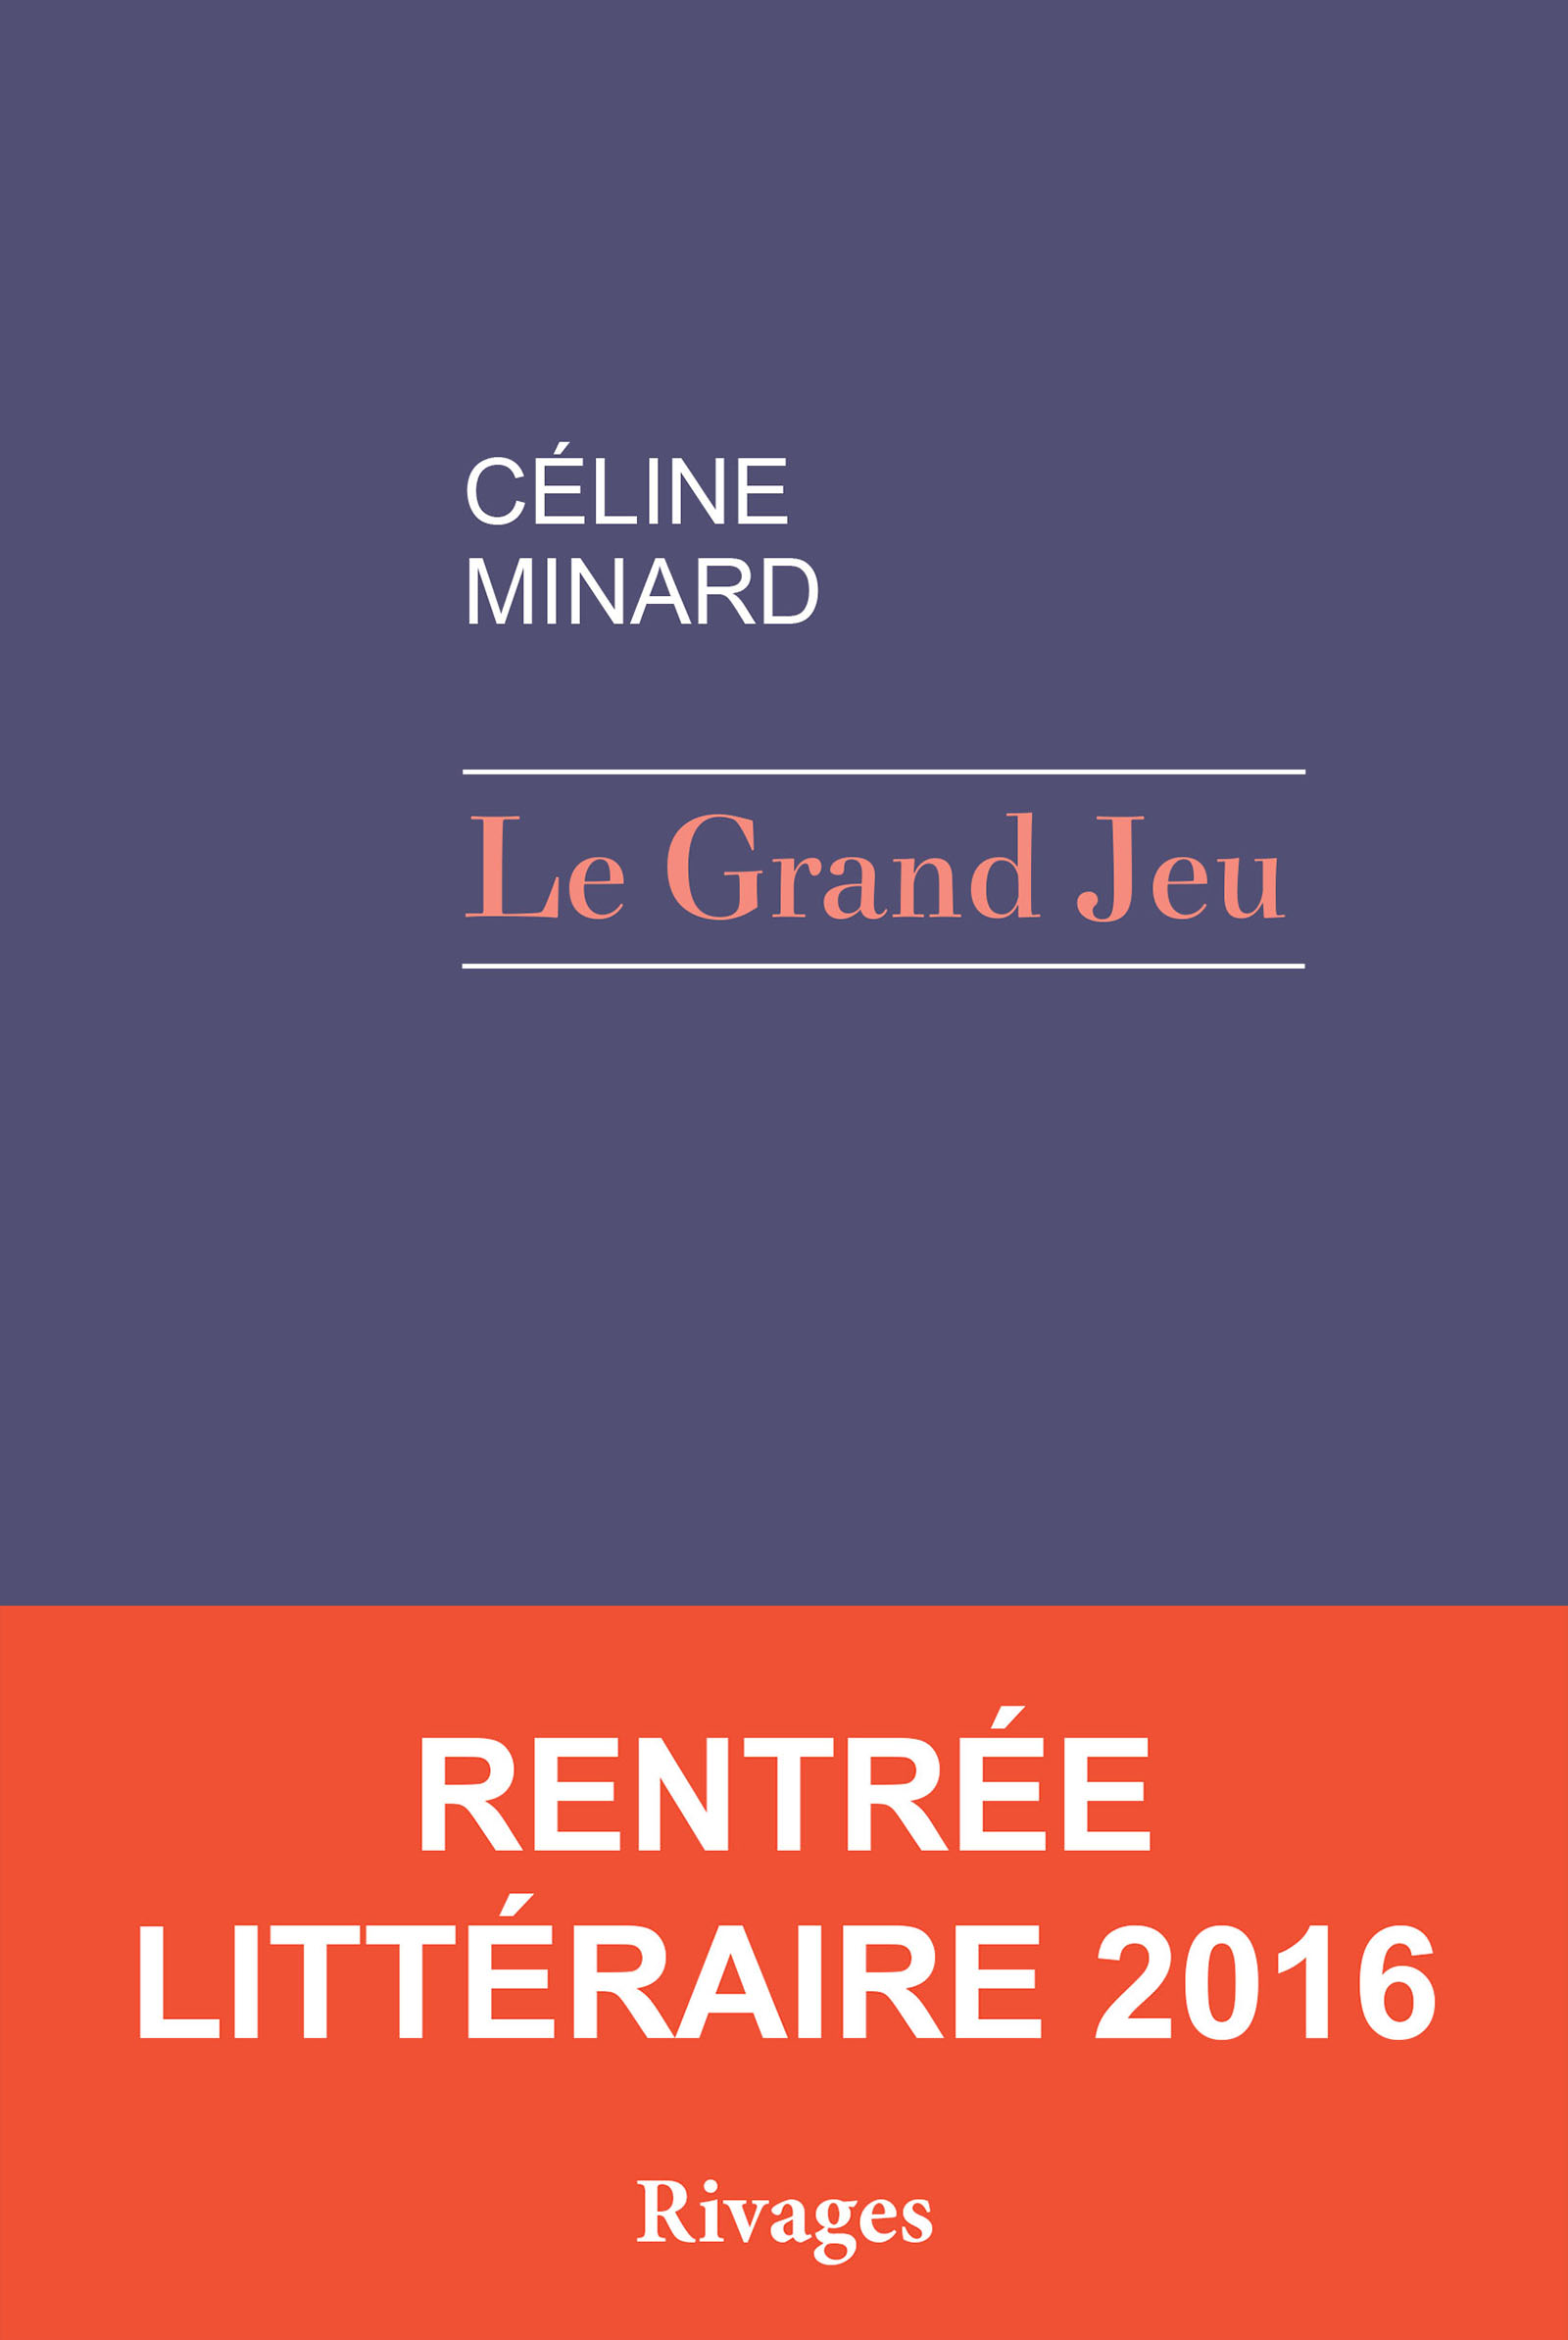 Couverture : Le grand jeu Céline Minard